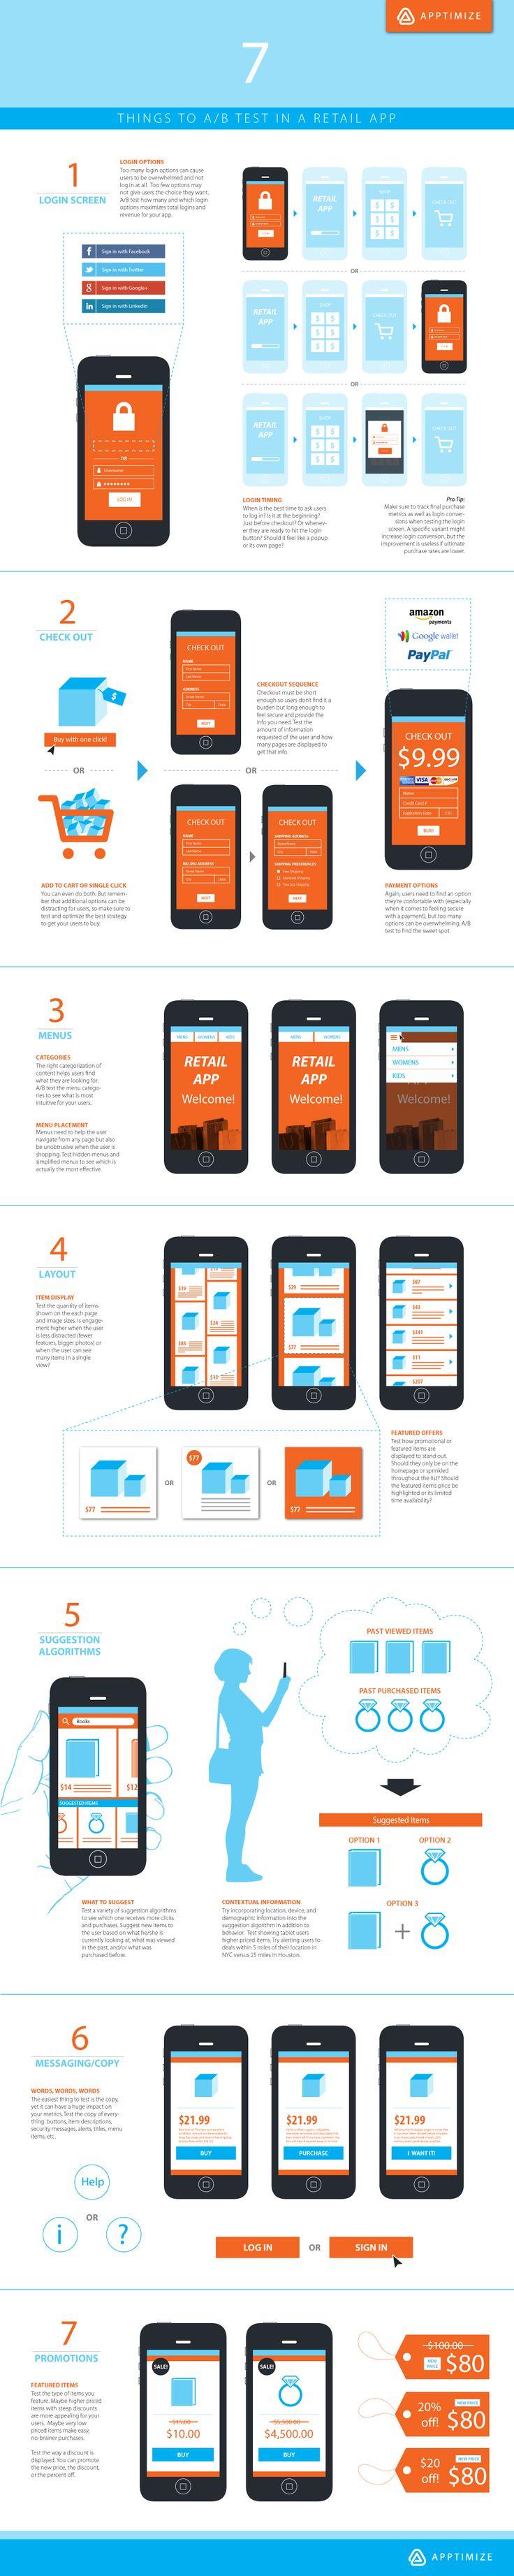 Comment lancer une application mobile ? Qu'est-ce qu'un lancement d'application ? Comment améliorer son app ? Quelle stratégie marketing adopter ?